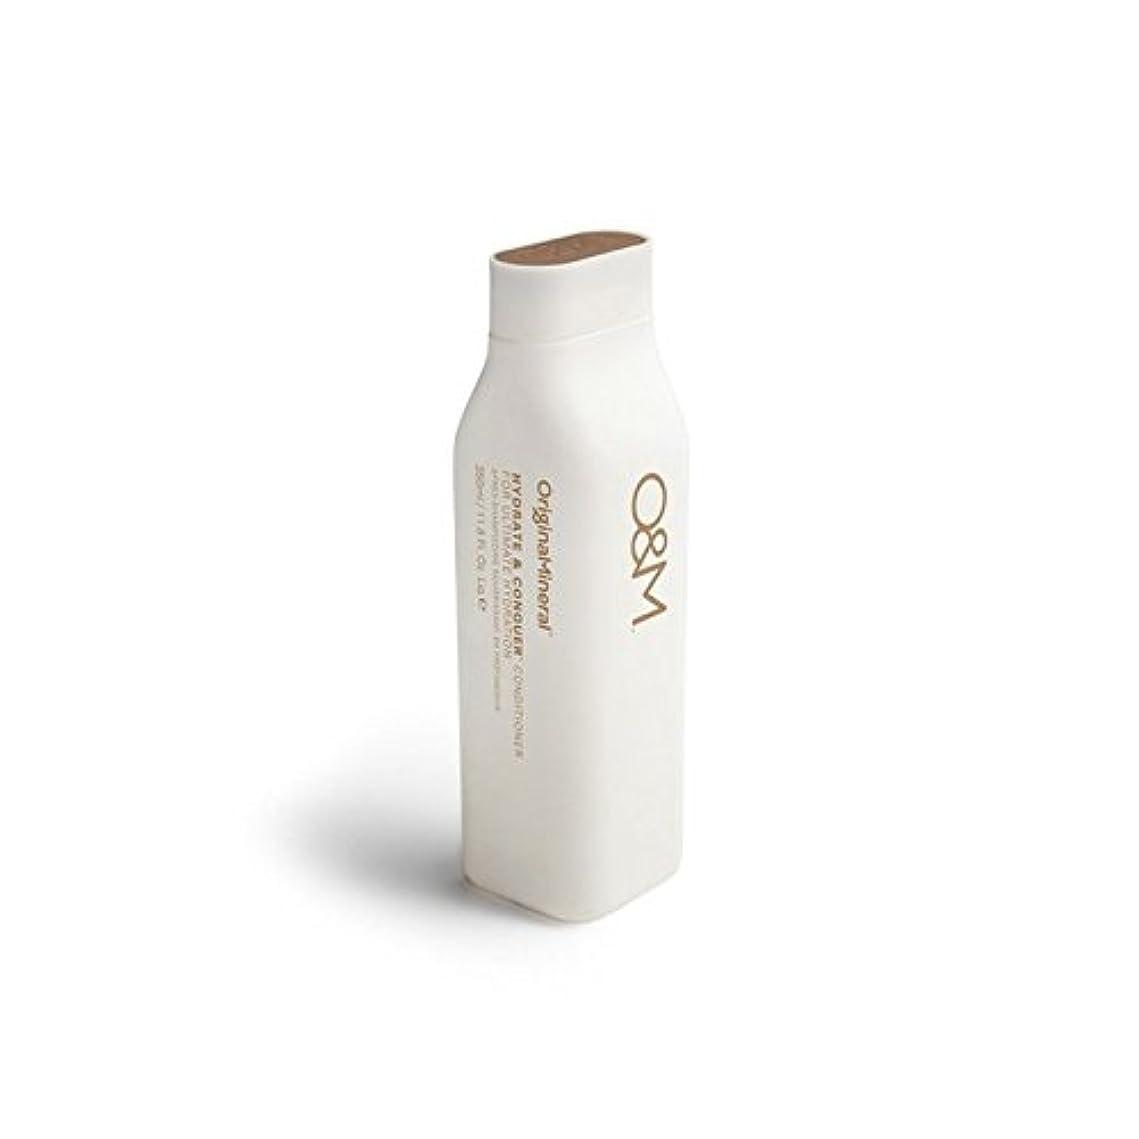 共産主義オーバーヘッドコメンテーターOriginal & Mineral Hydrate And Conquer Conditioner (350ml) - オリジナル&ミネラル水和物及びコンディショナー(350ミリリットル)を征服 [並行輸入品]